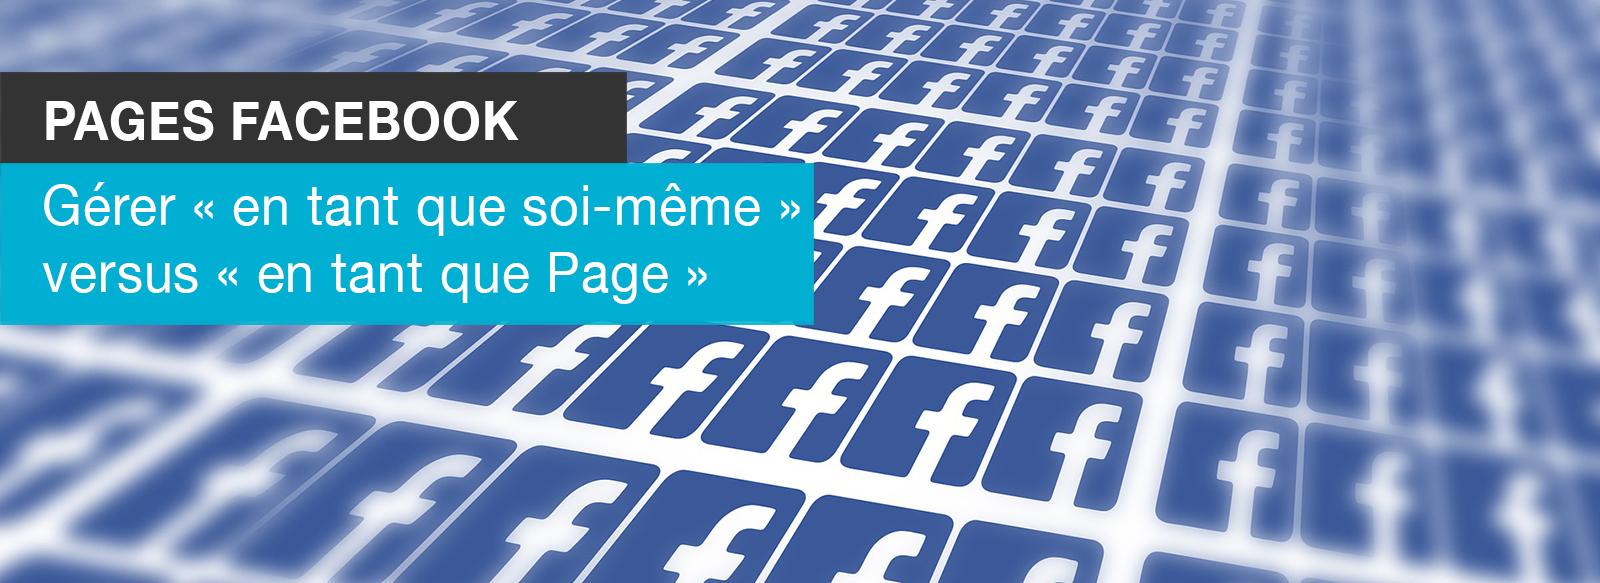 Page Facebook en tant que page soi meme